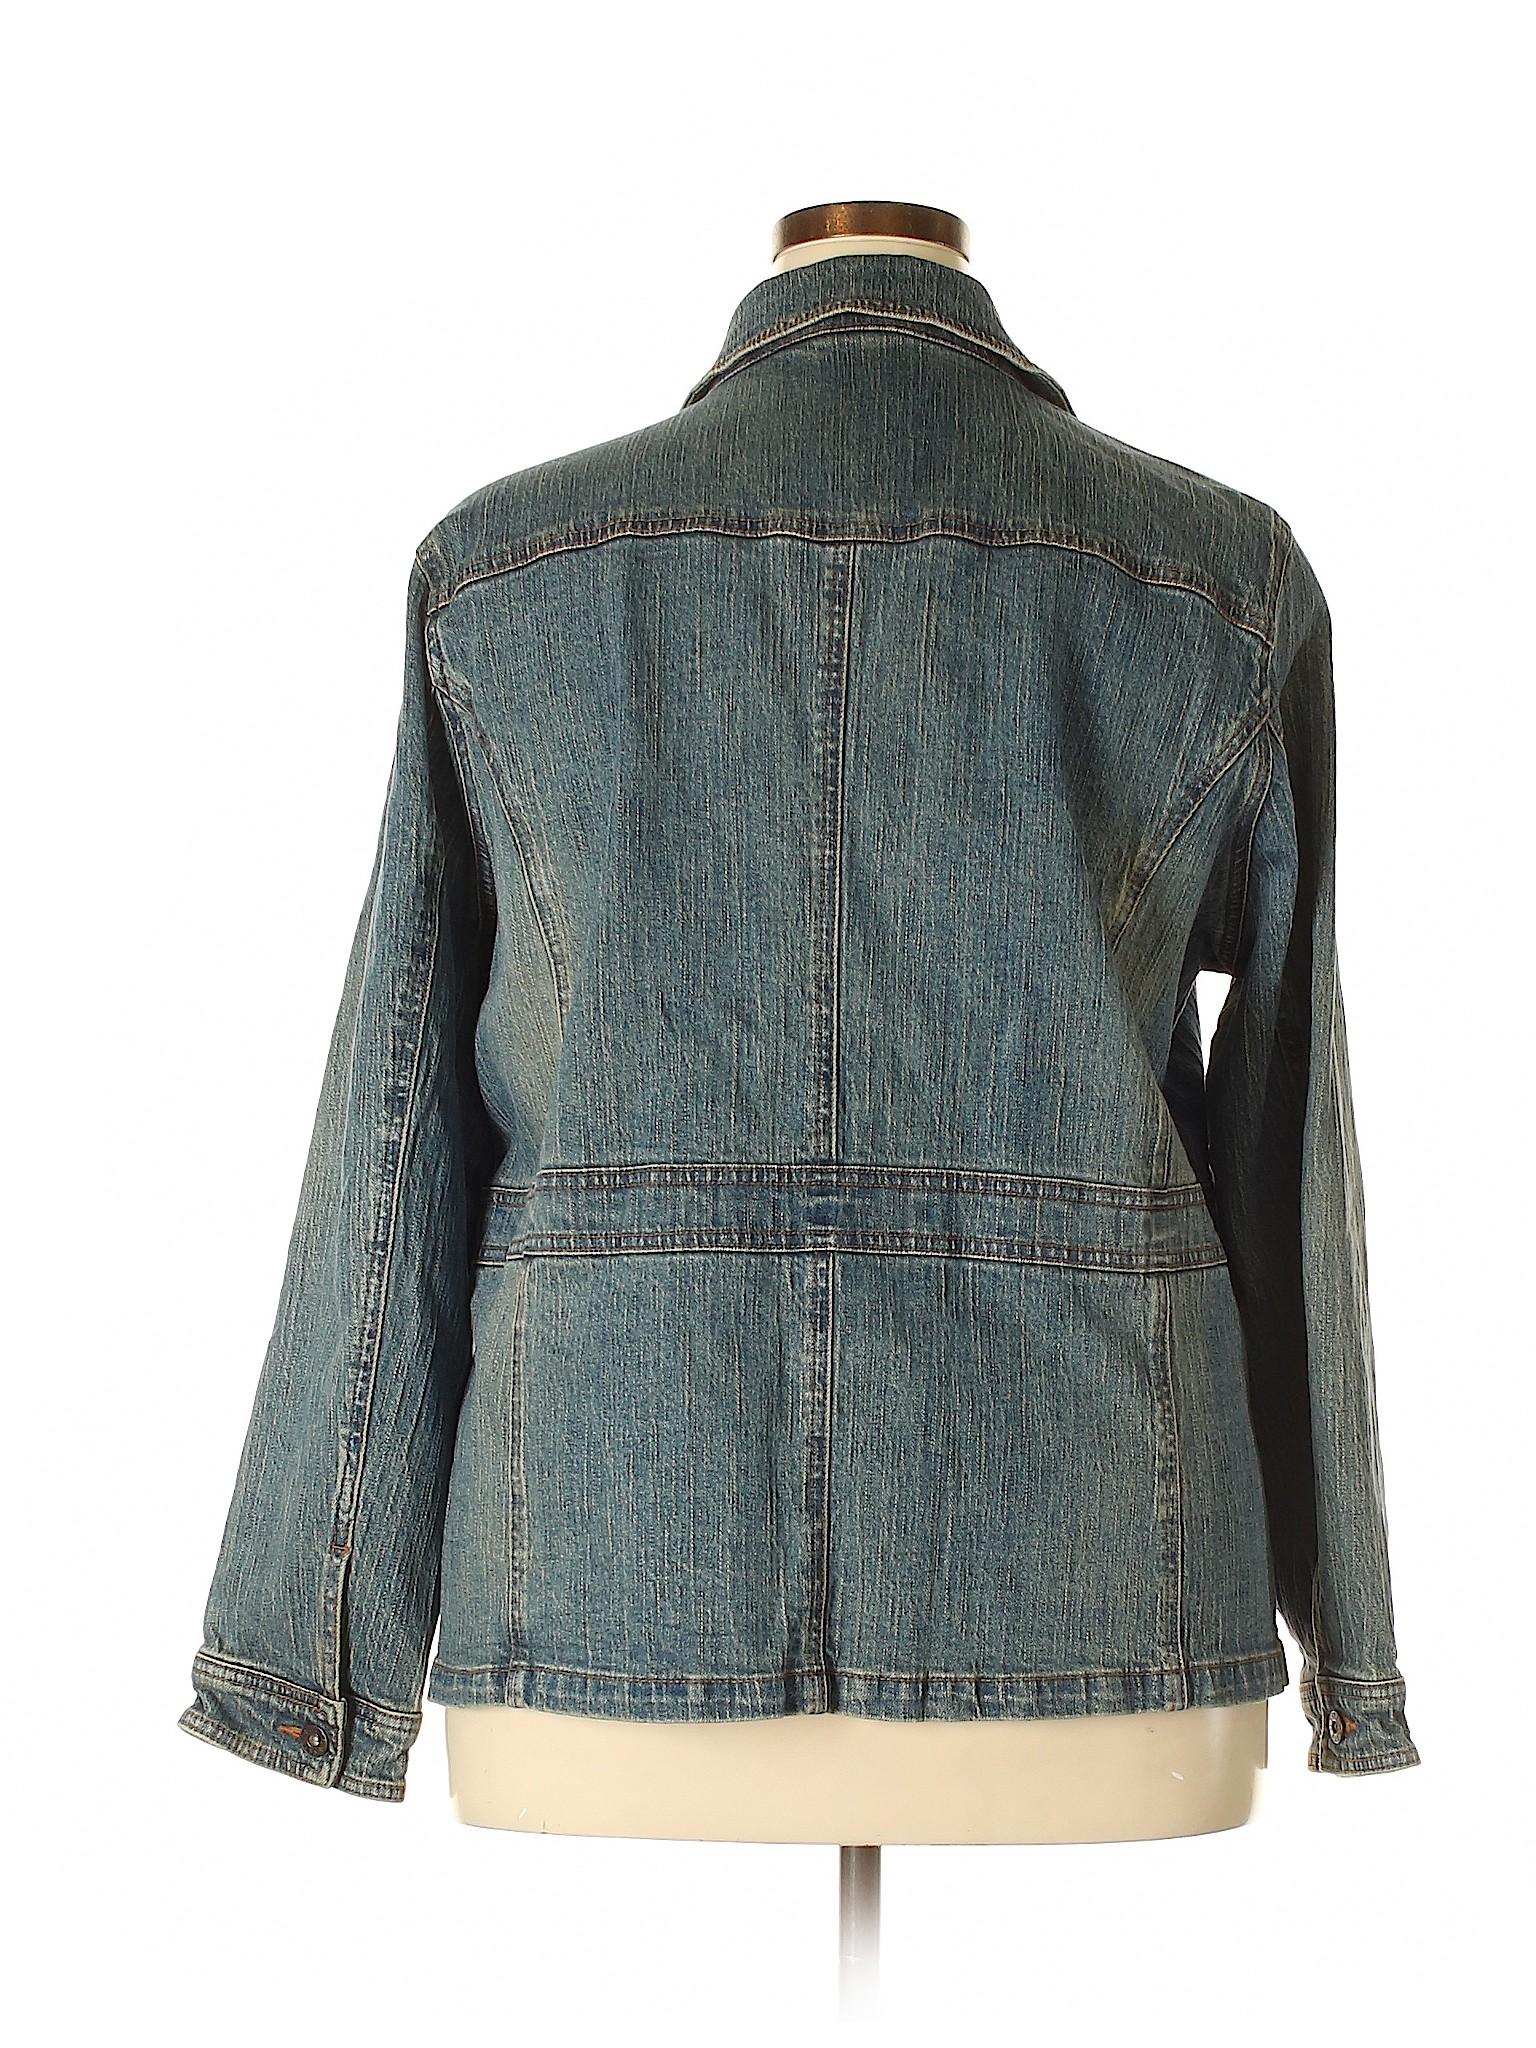 2b4de56534b75 Cato 100% Cotton Solid Navy Blue Denim Jacket Size 22 24 (Plus) - 56% off